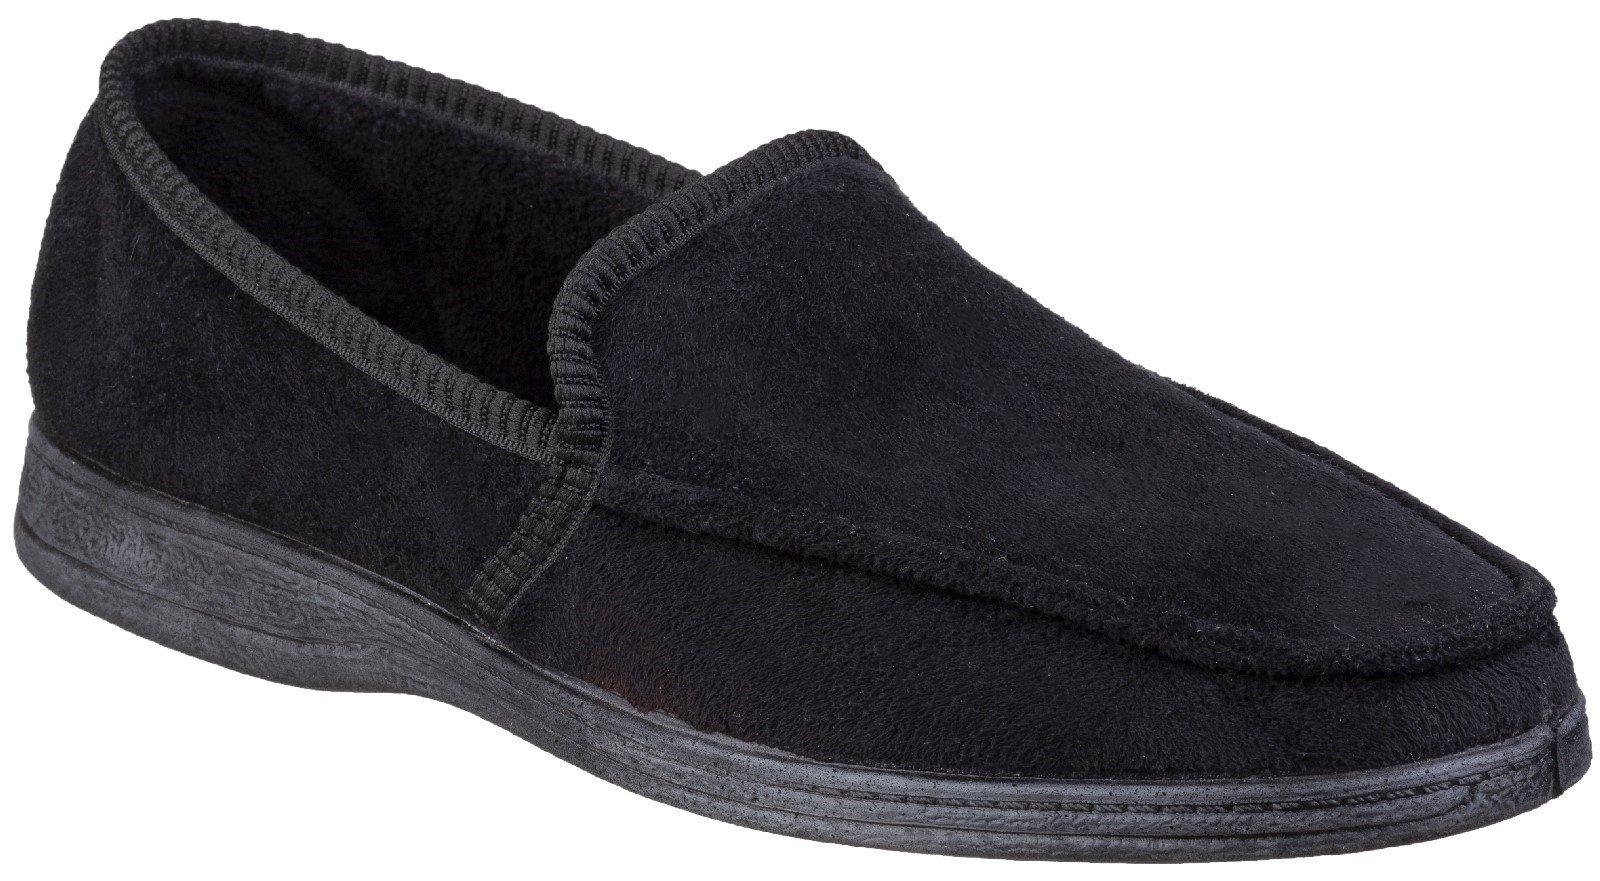 Fleet & Foster Men's Dakis Slip On Loafer Brown 27209-45757 - Black 6